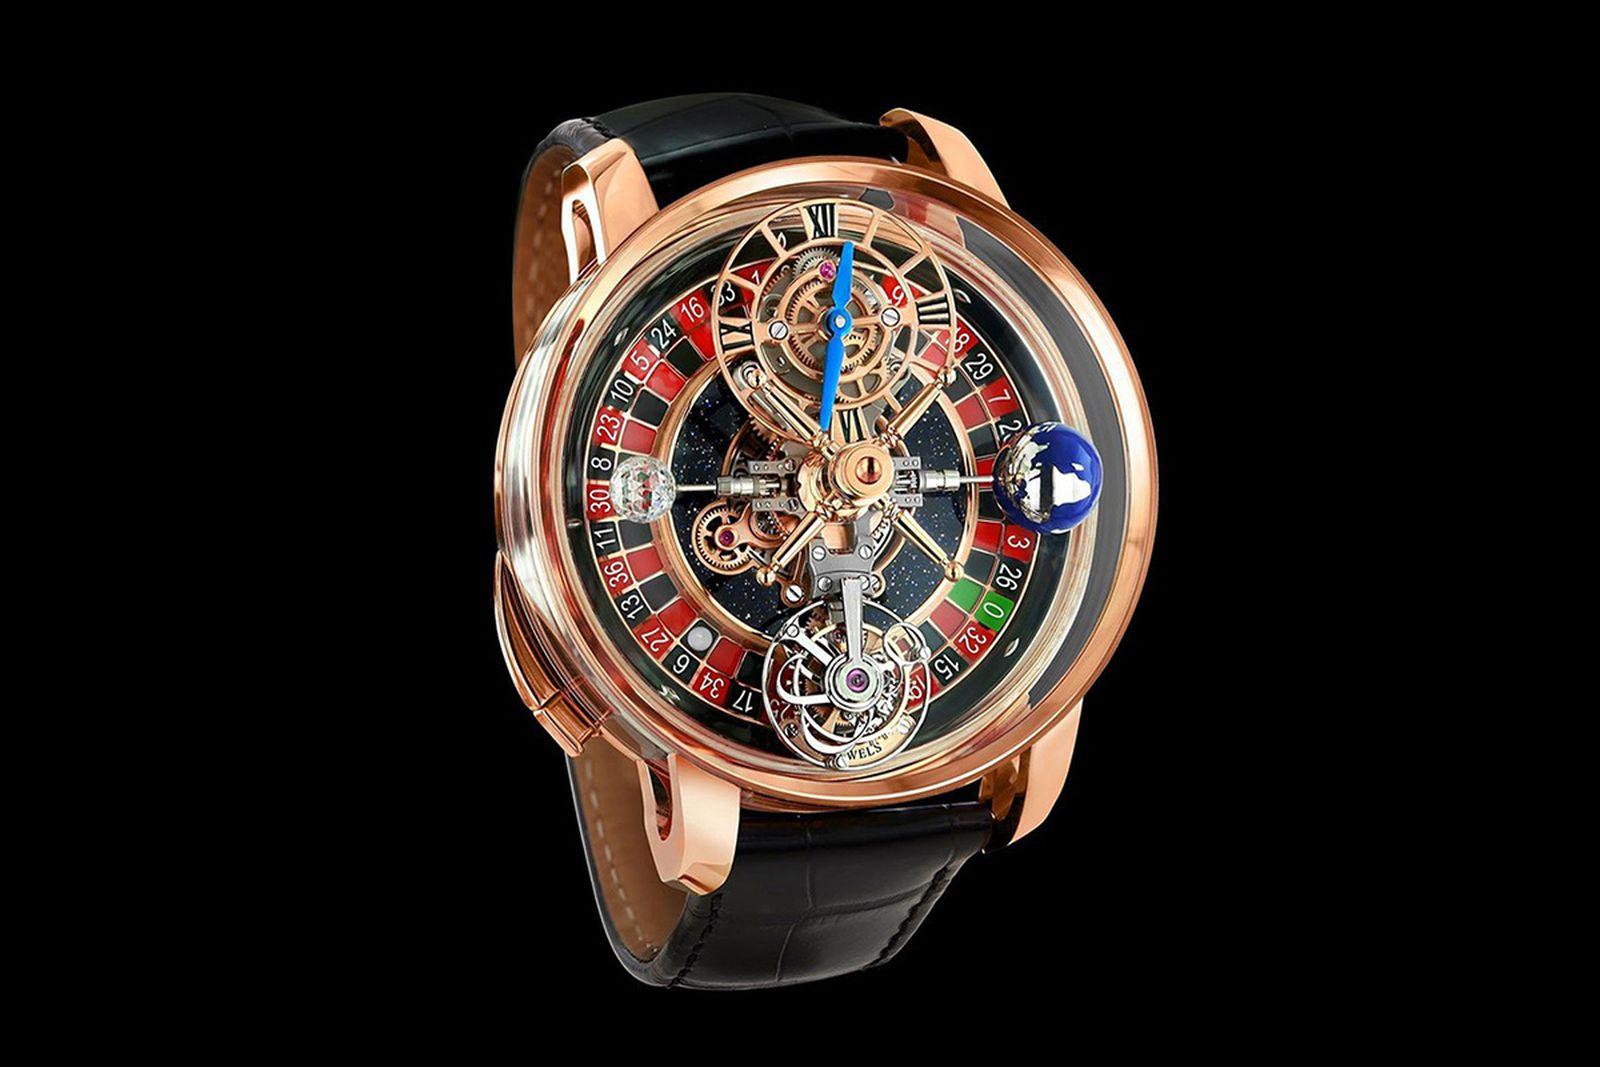 drake-astronomia-casino-watch-roulette-wheel-01